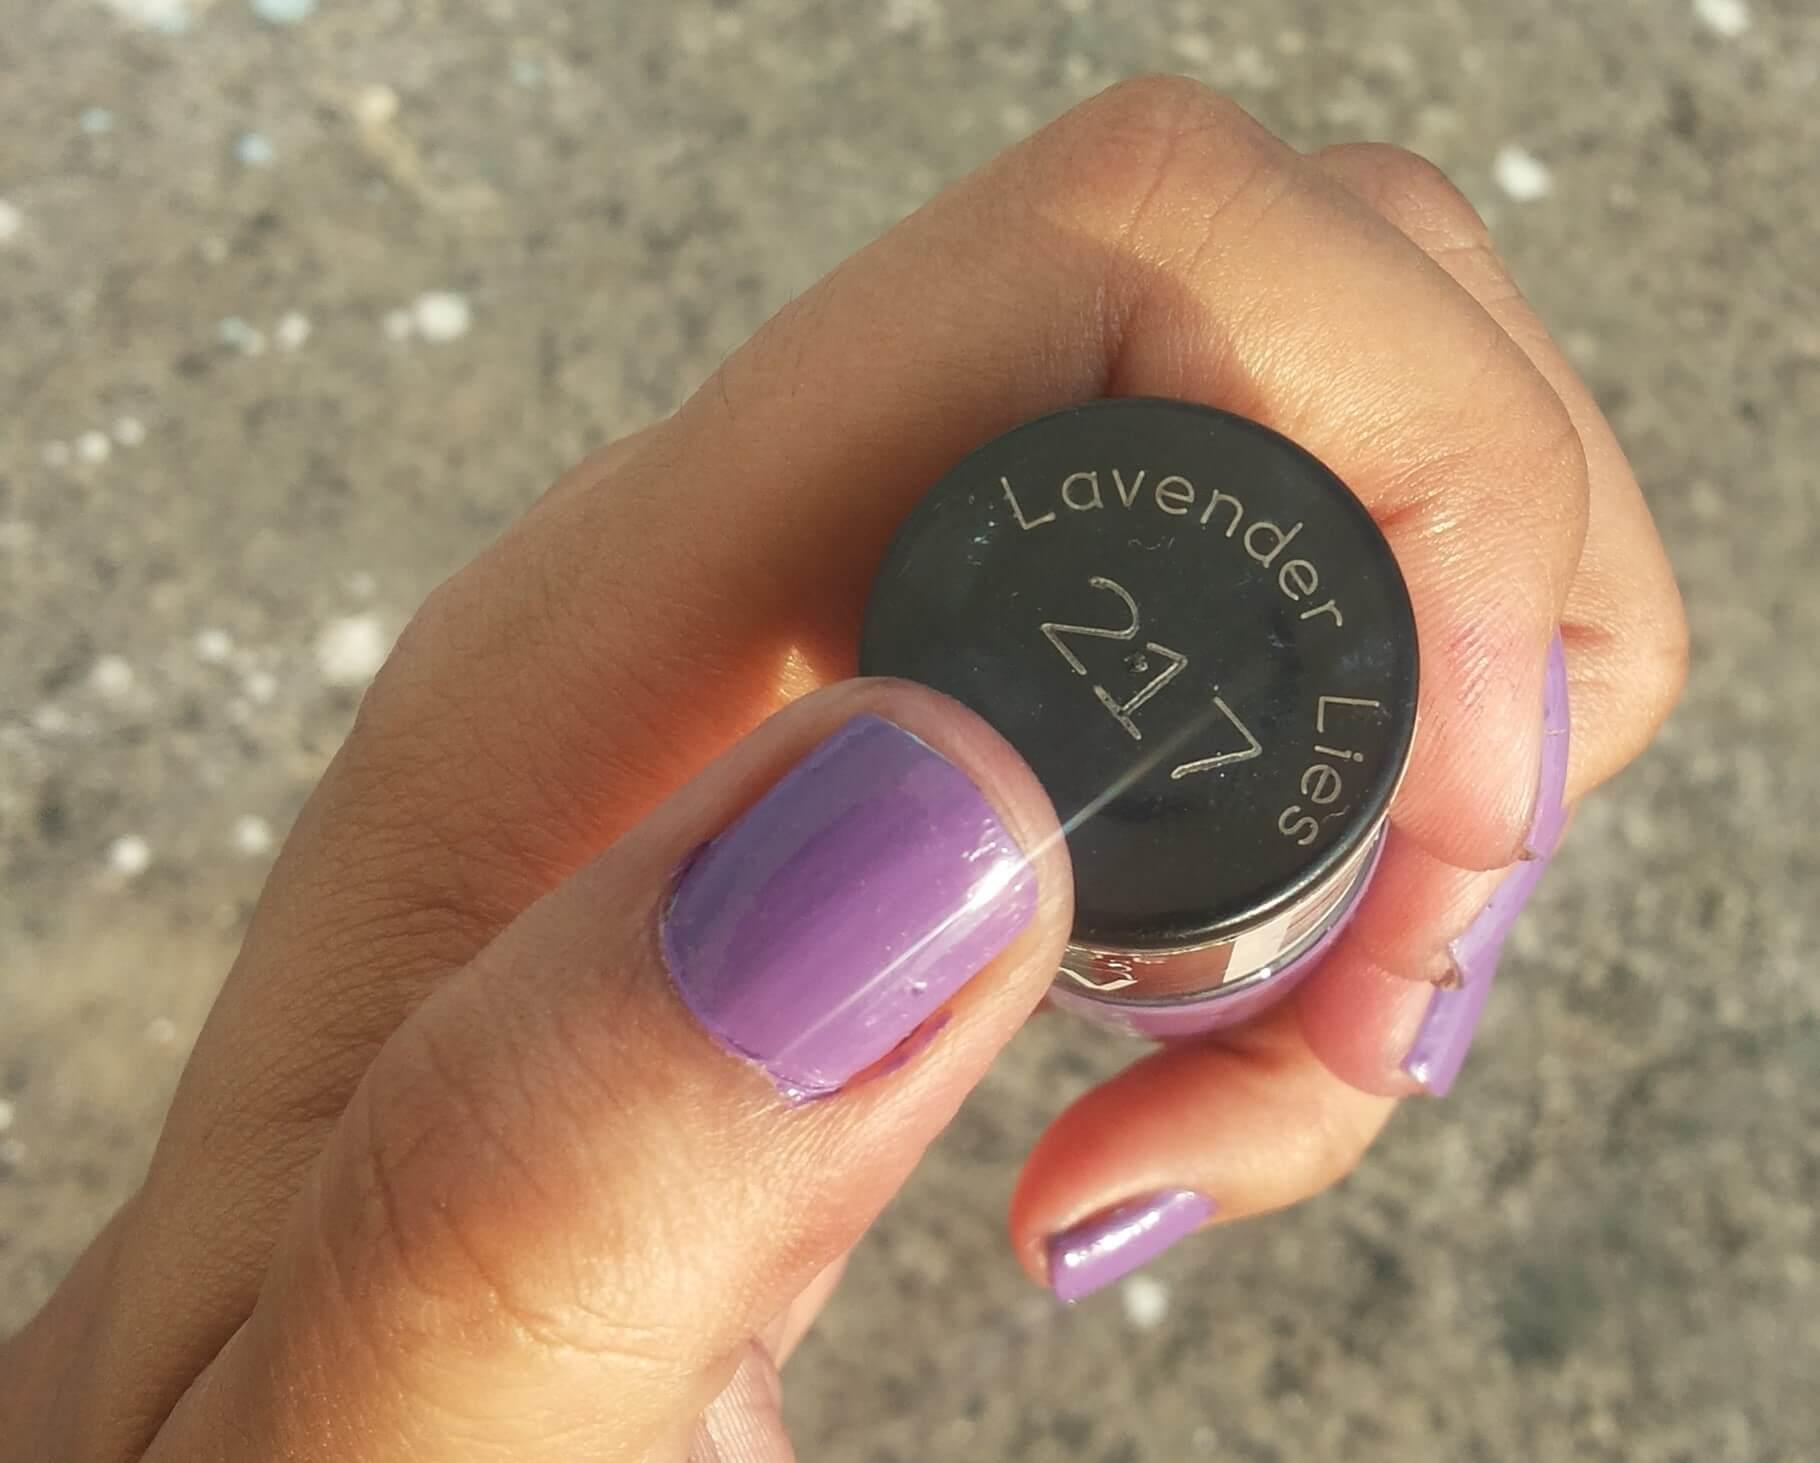 maybelline color show nail paint lavender lies 1